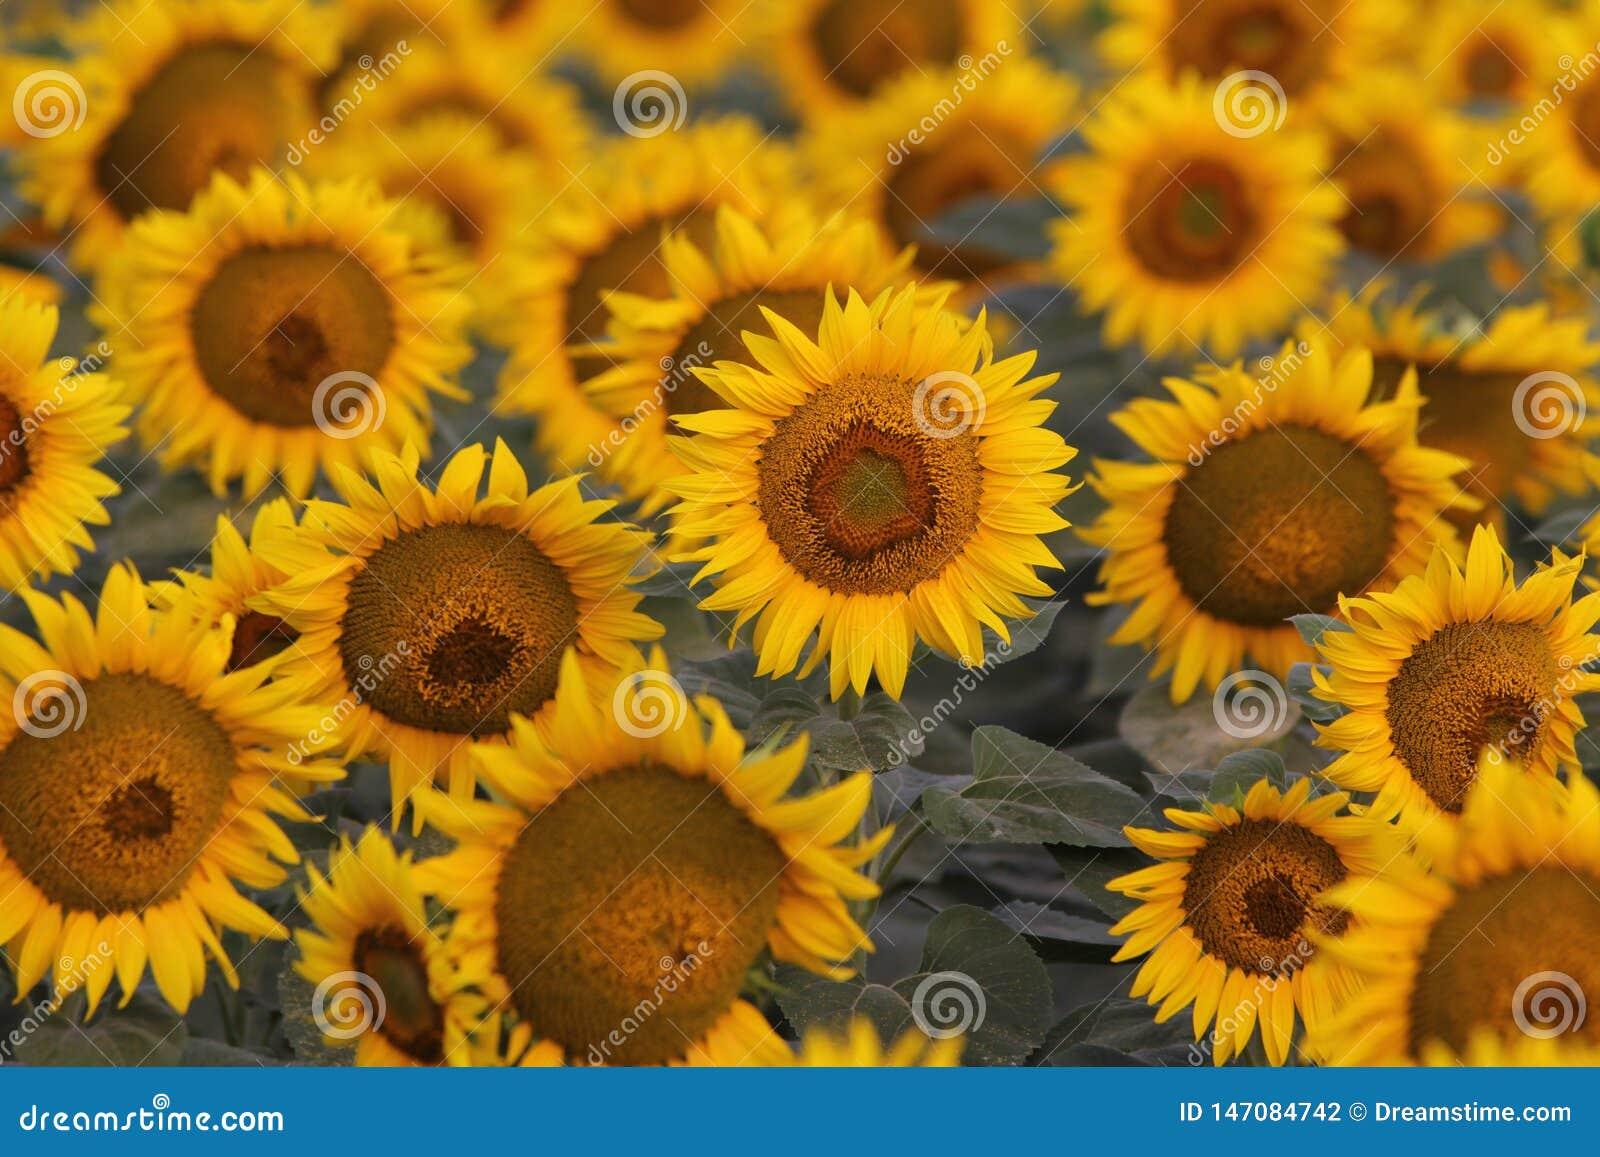 高兴的向日葵在阳光下